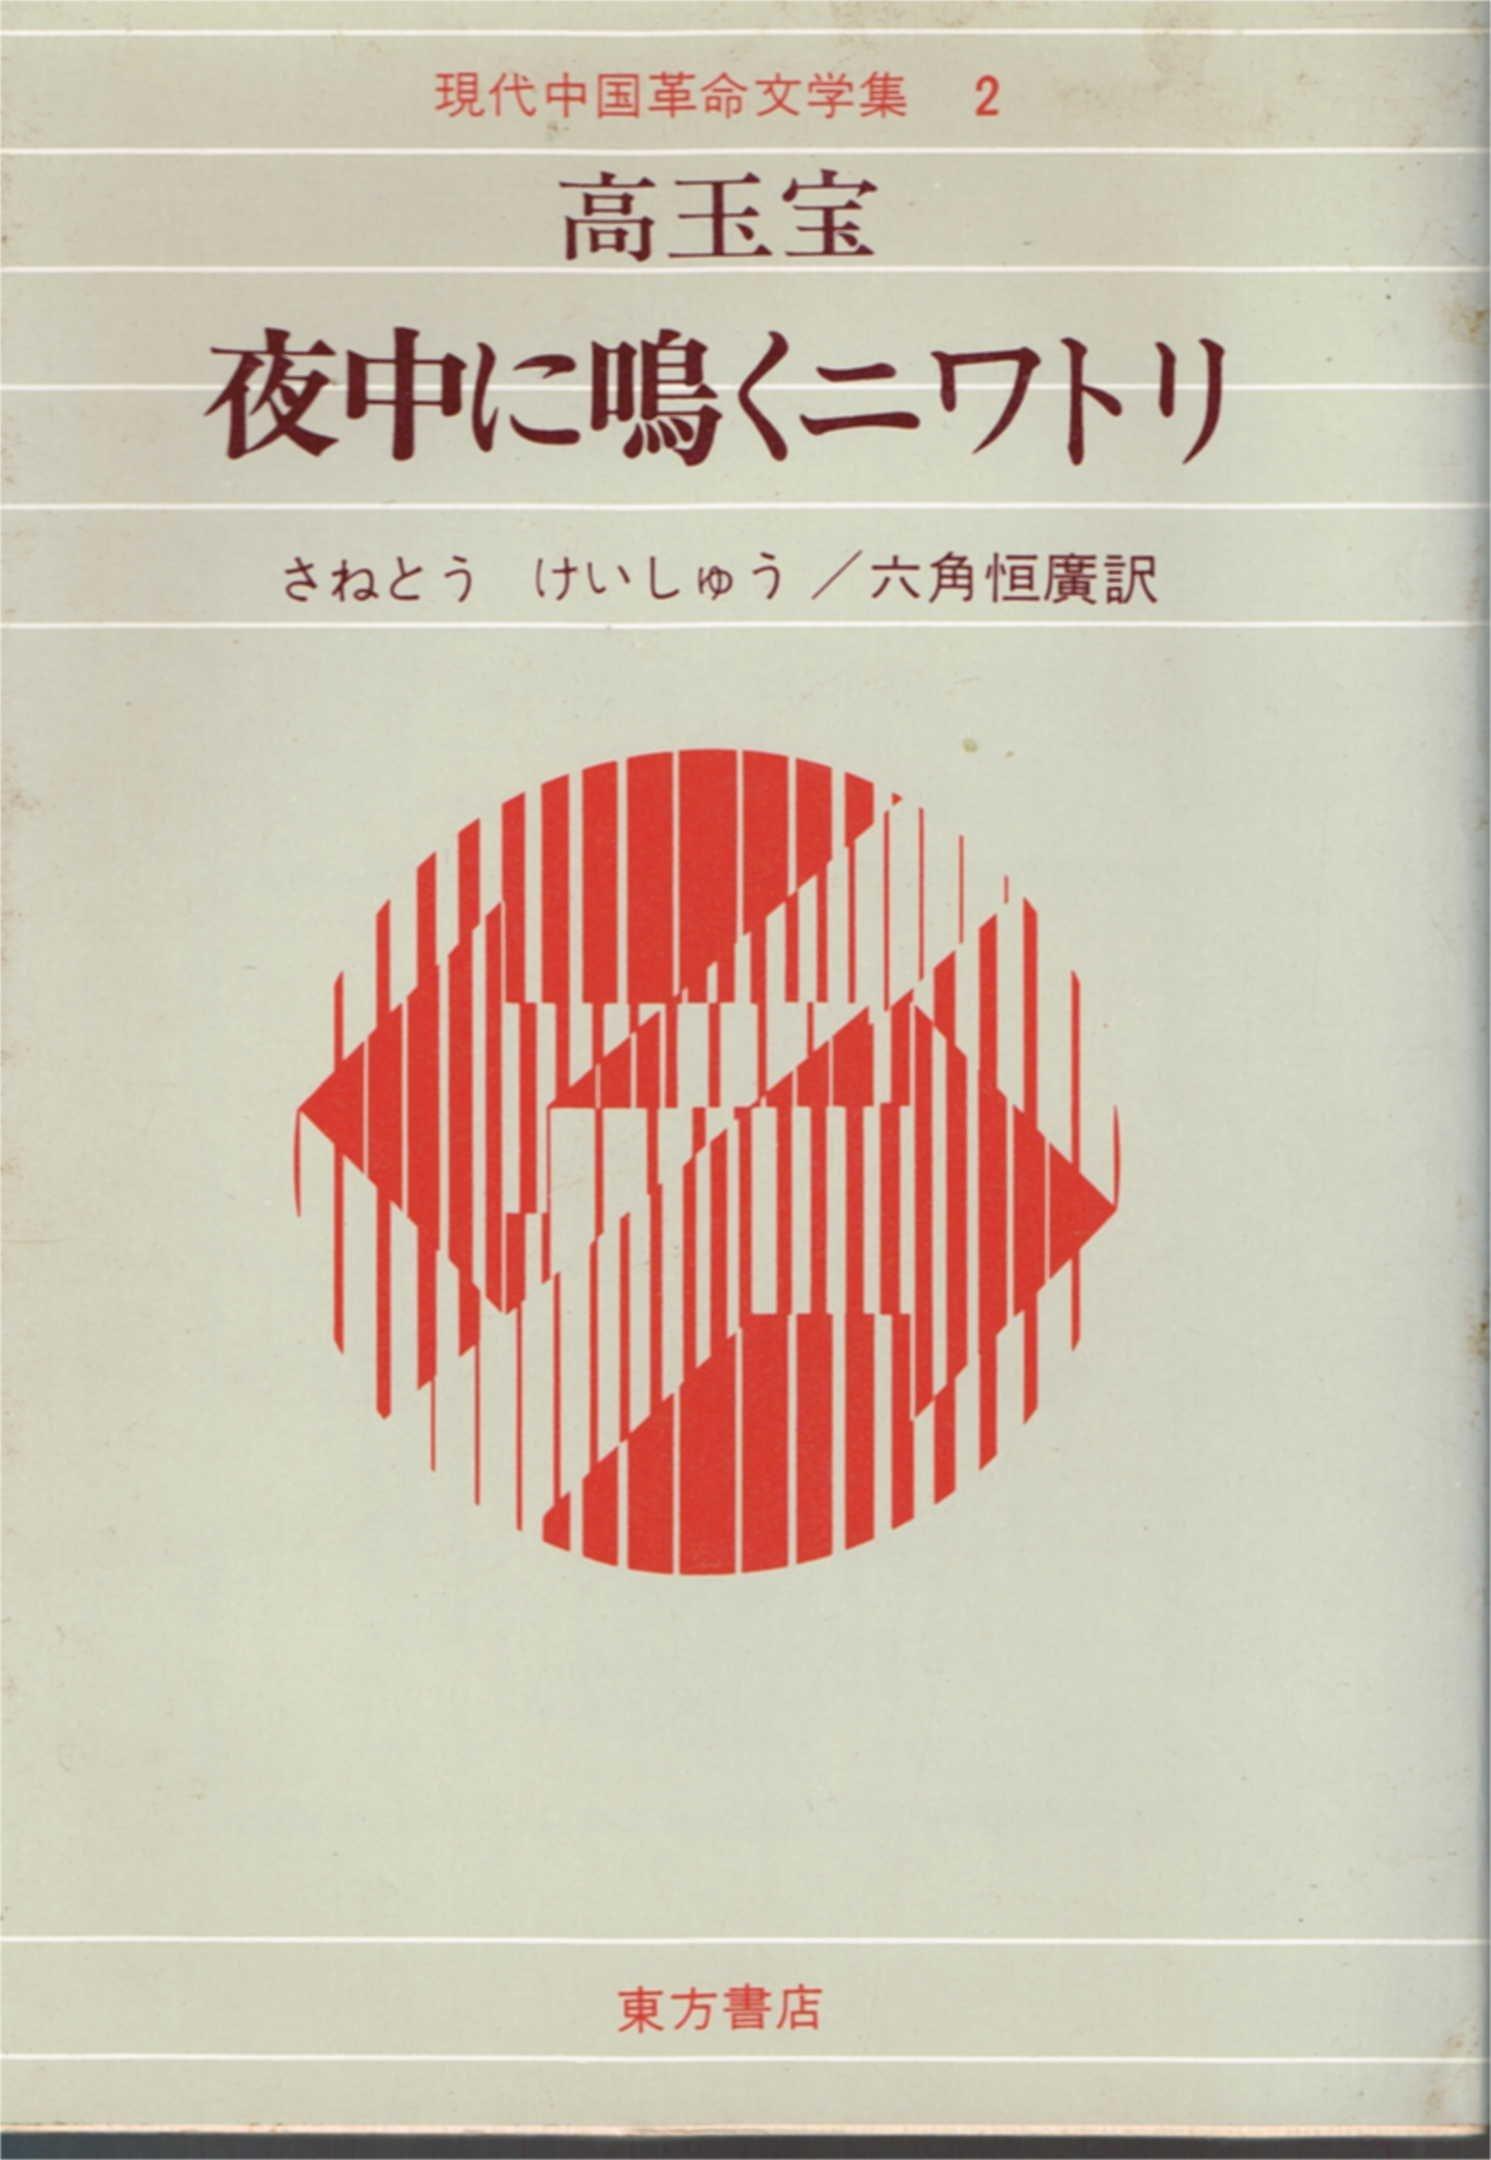 夜中に鳴くニワトリ (1972年) (現代中国革命文学集〈2〉) | 高 玉宝 ...